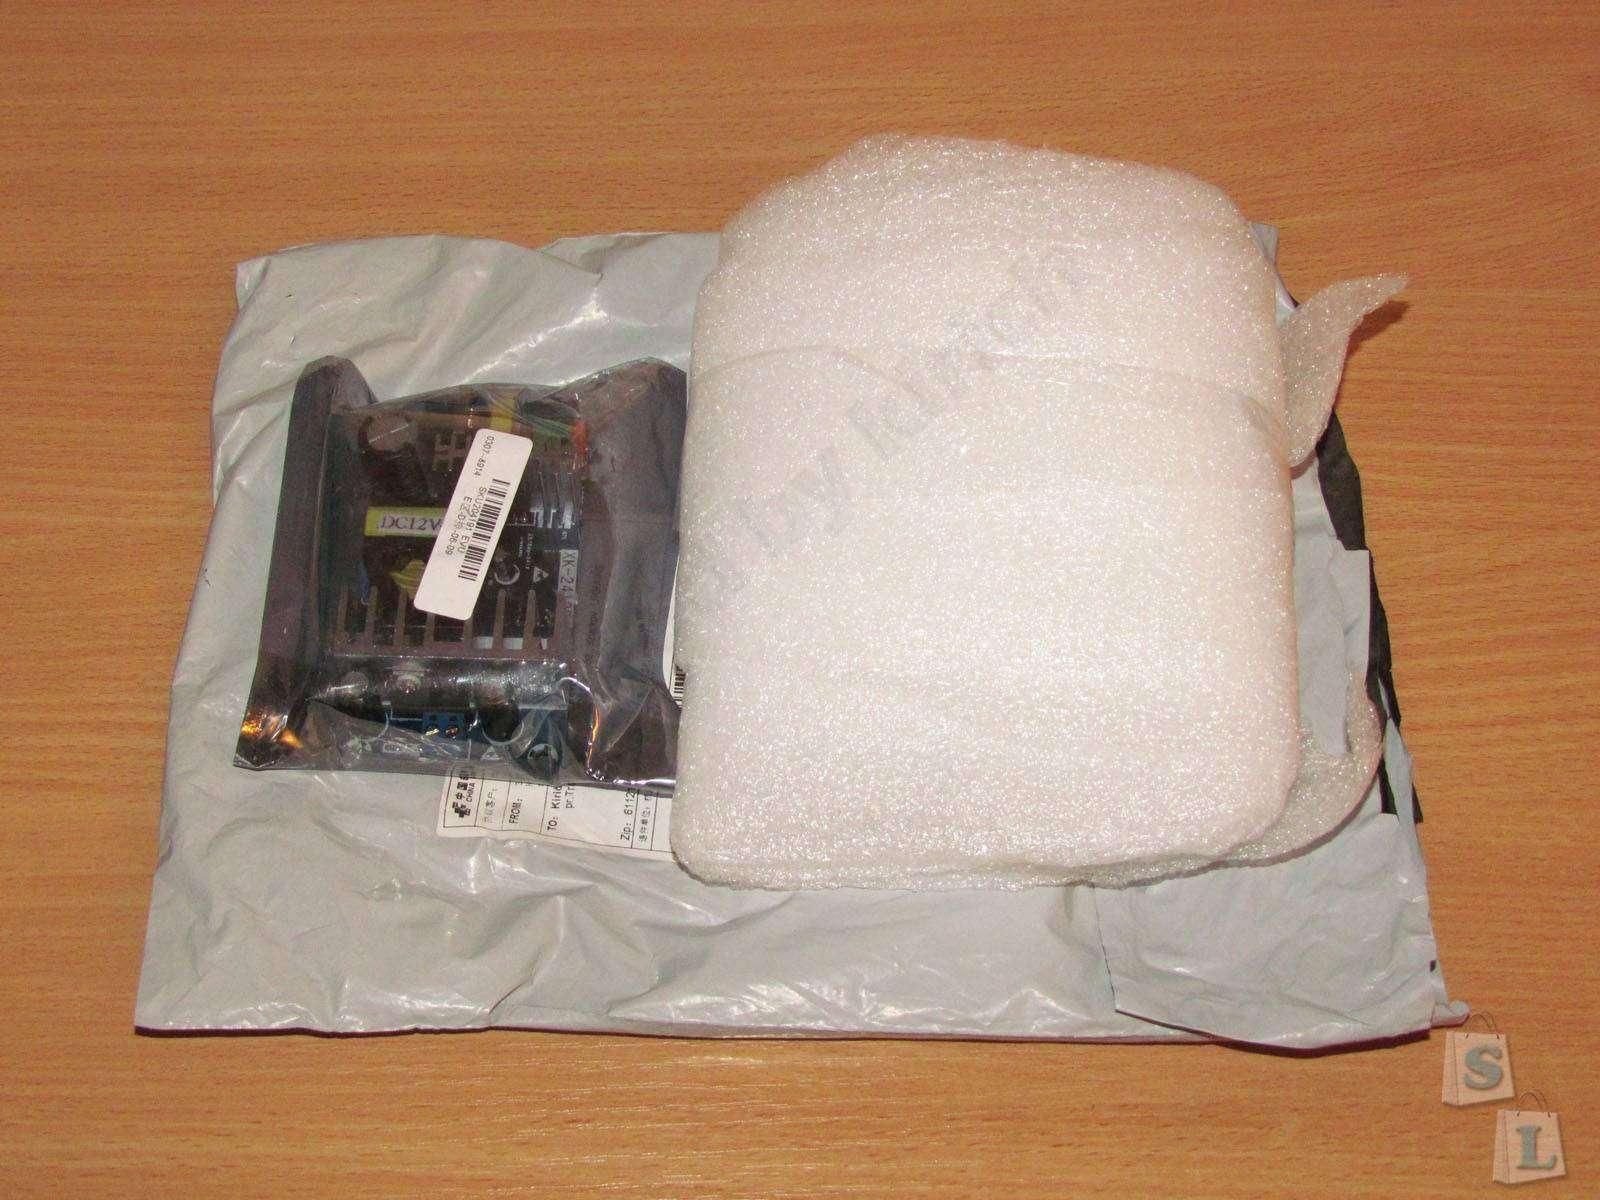 Banggood: 12 Вольт 6-8 Ампер блок питания, который приятно удивил.